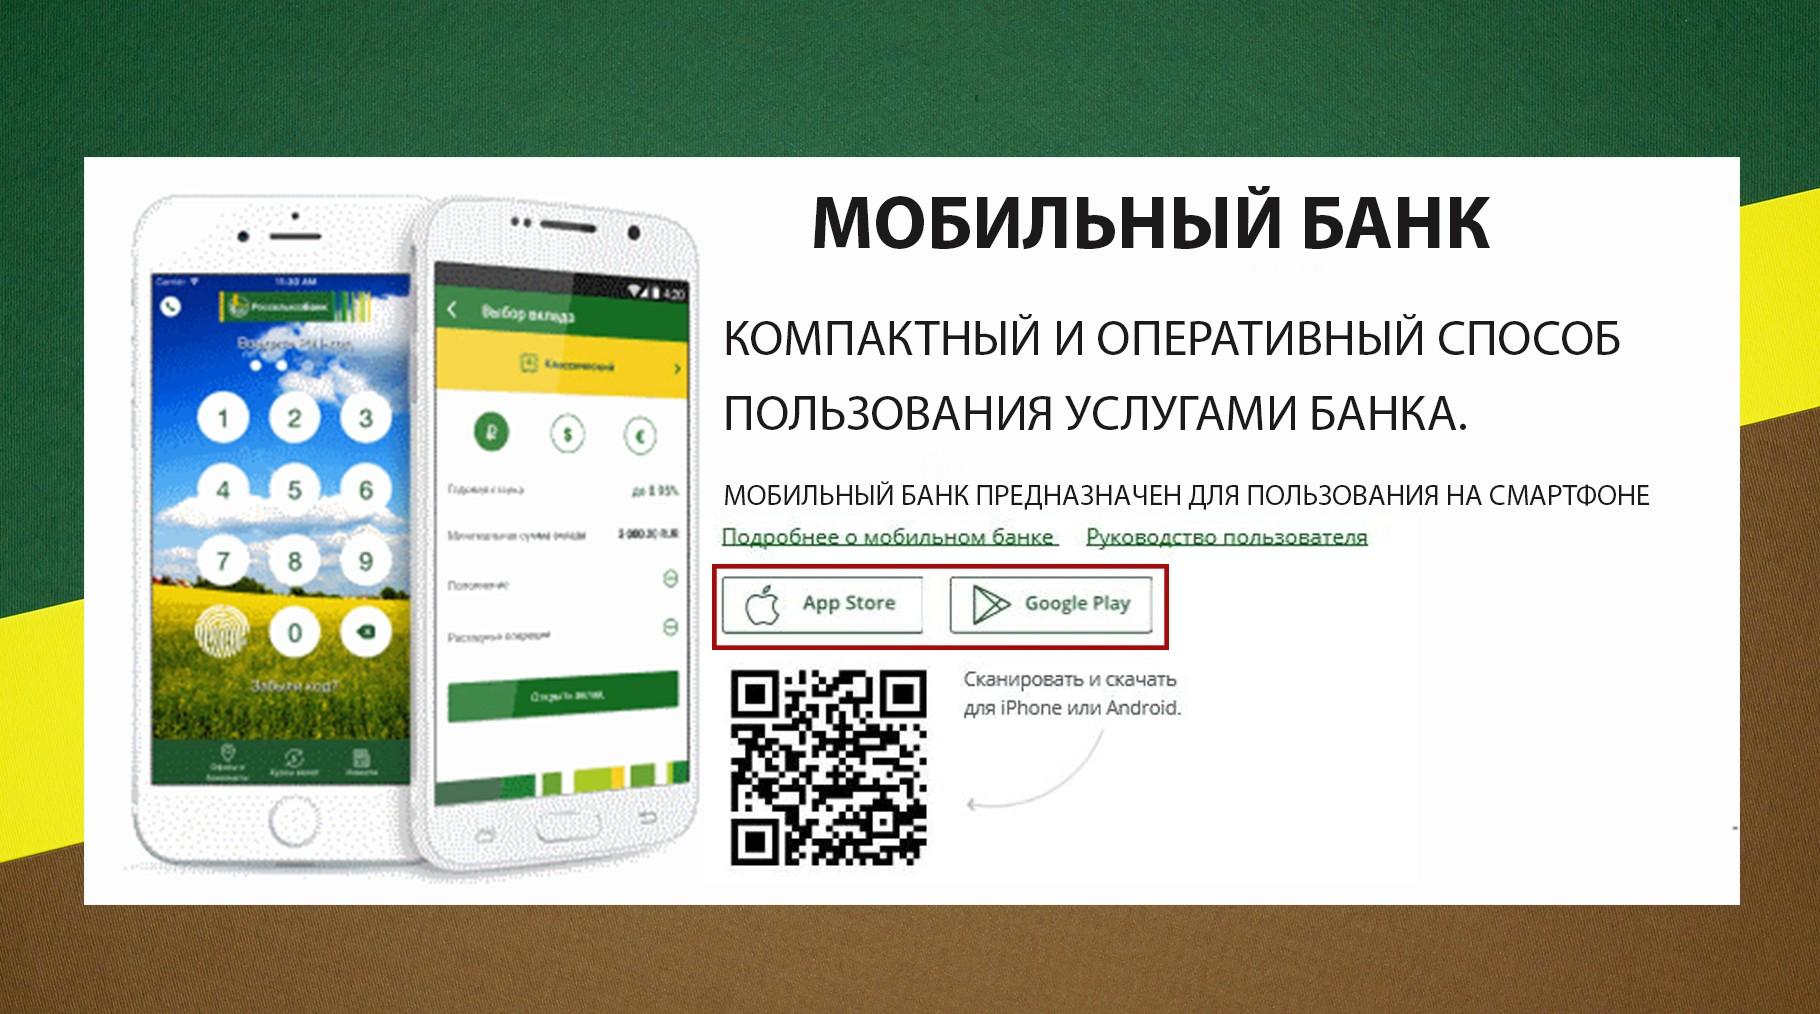 Мобильный банк россельхозбанка